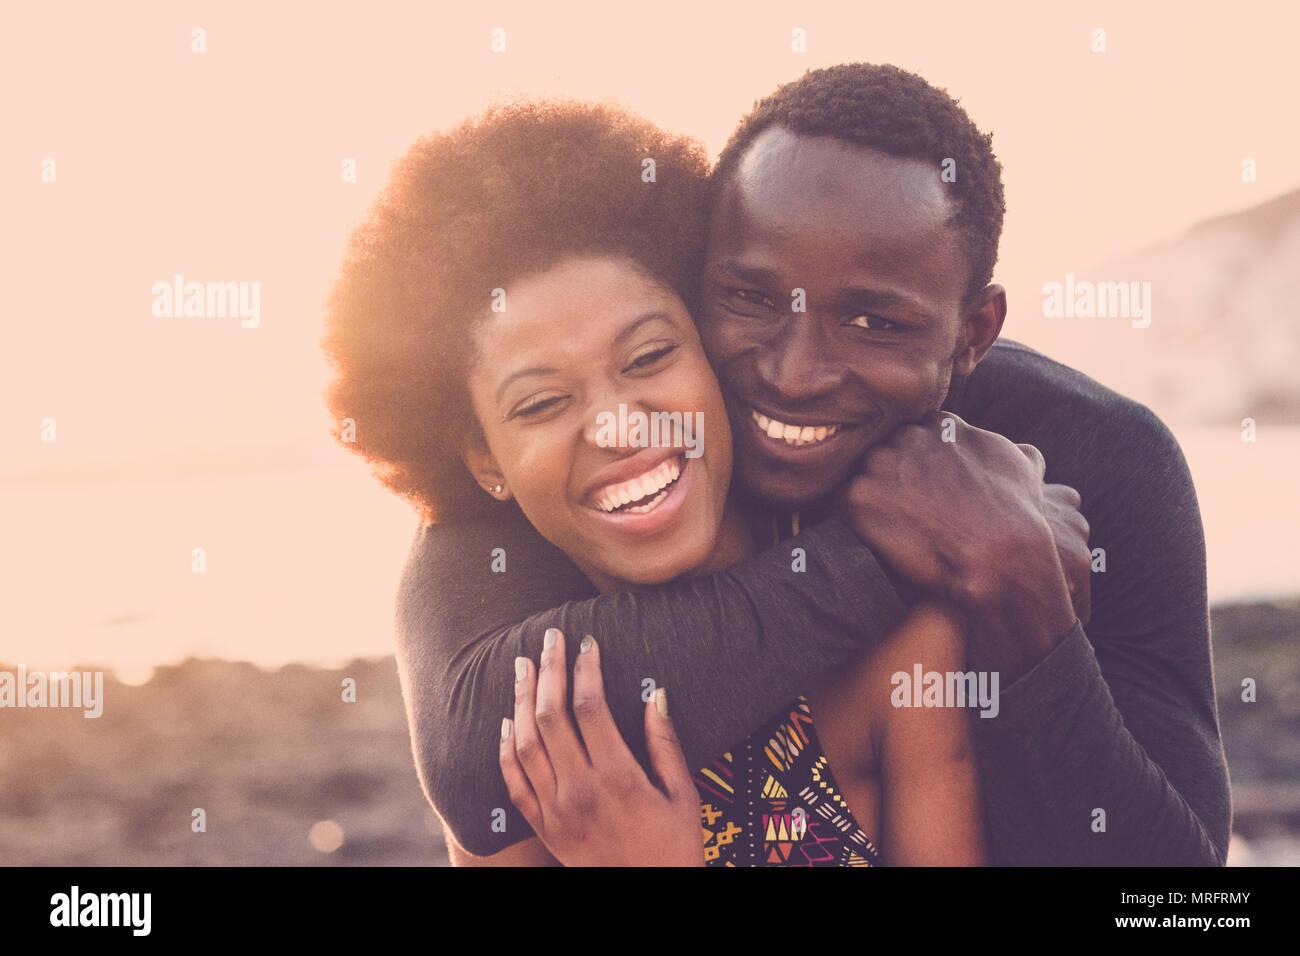 Schönen schwarzen Rasse schönes Modell Paar Mann und Frau junge Alter Umarmung und zusammen mit Liebe und Freundschaft bleiben. im malerischen Ort in der Nähe der Strand für Stockbild